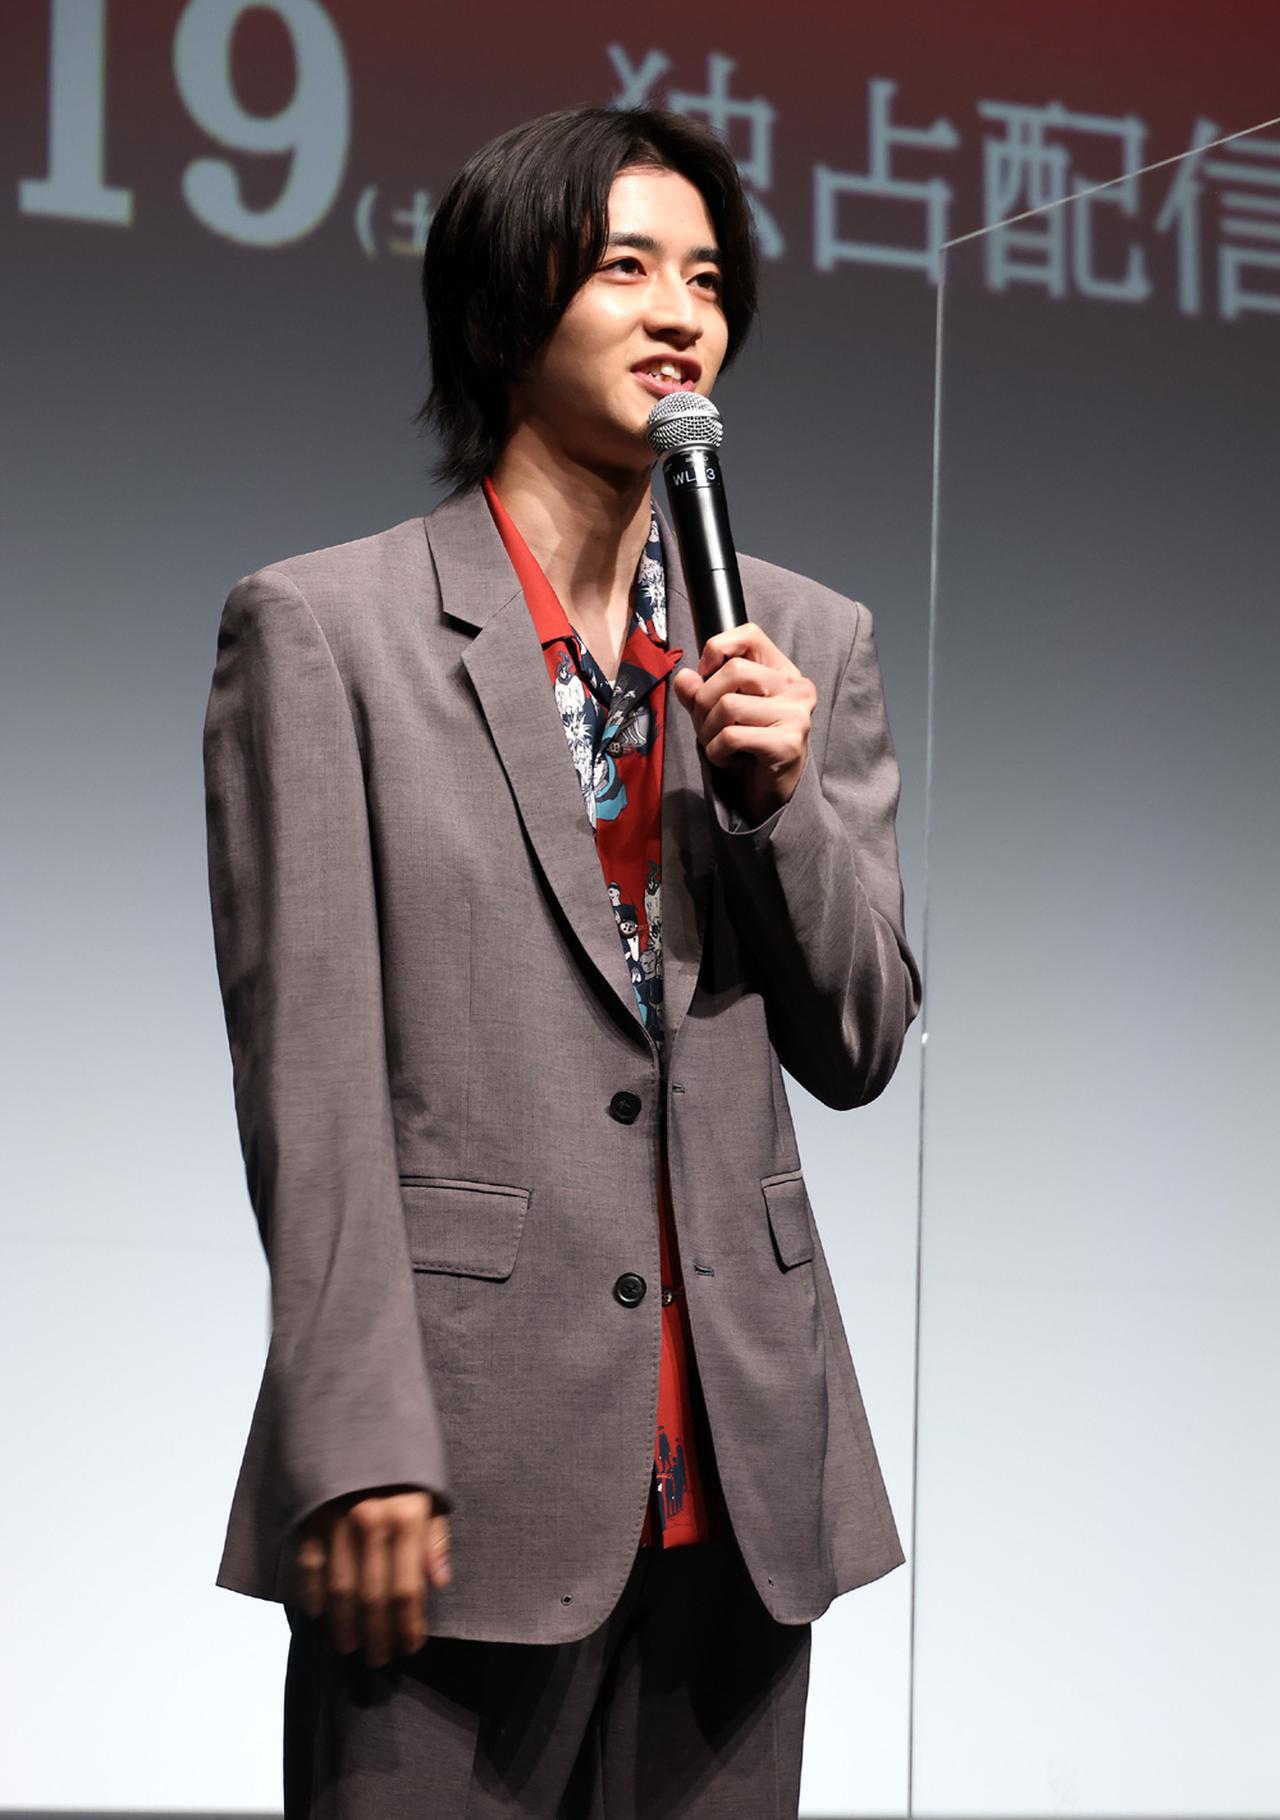 画像4: 「胸を張っておススメできる作品になりました」。主演・浅川梨奈自身の成長にもつながったドラマ「Huluオリジナル『悪魔とラブソング』」が、6月19日より一挙配信開始